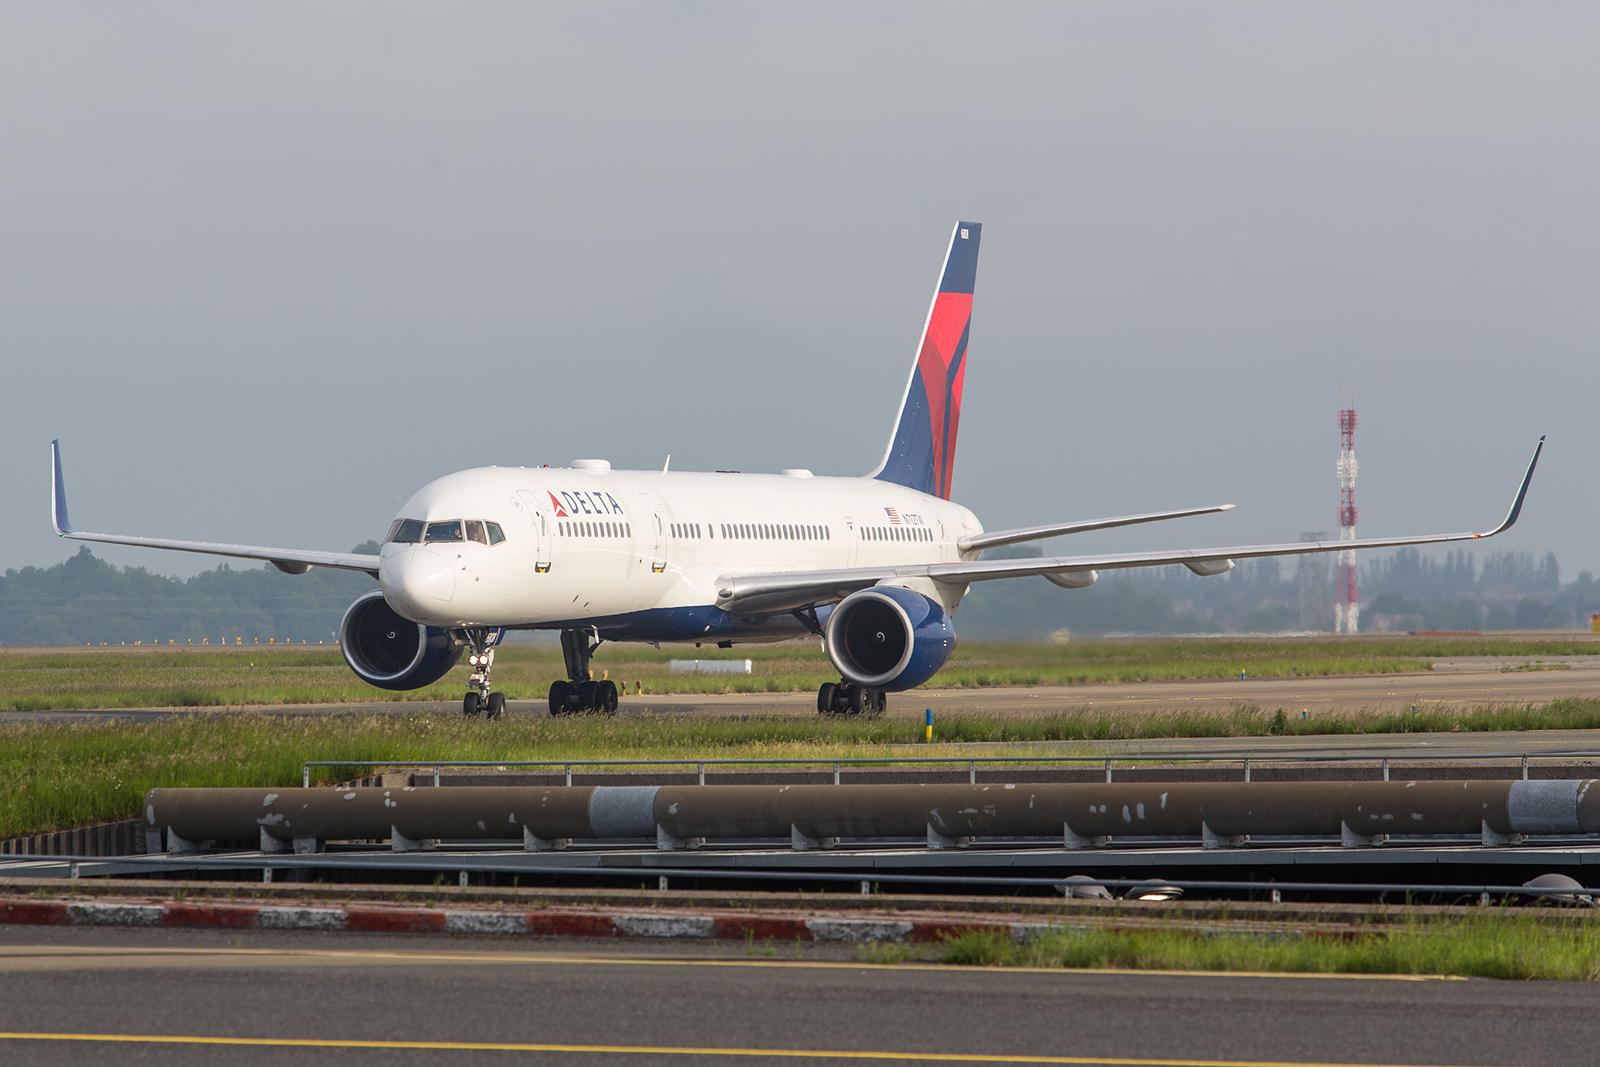 Da Paris seit weit im Westen liegt, fliegen alle US-Airlines auch mit der Boeing 757 nach CDG.